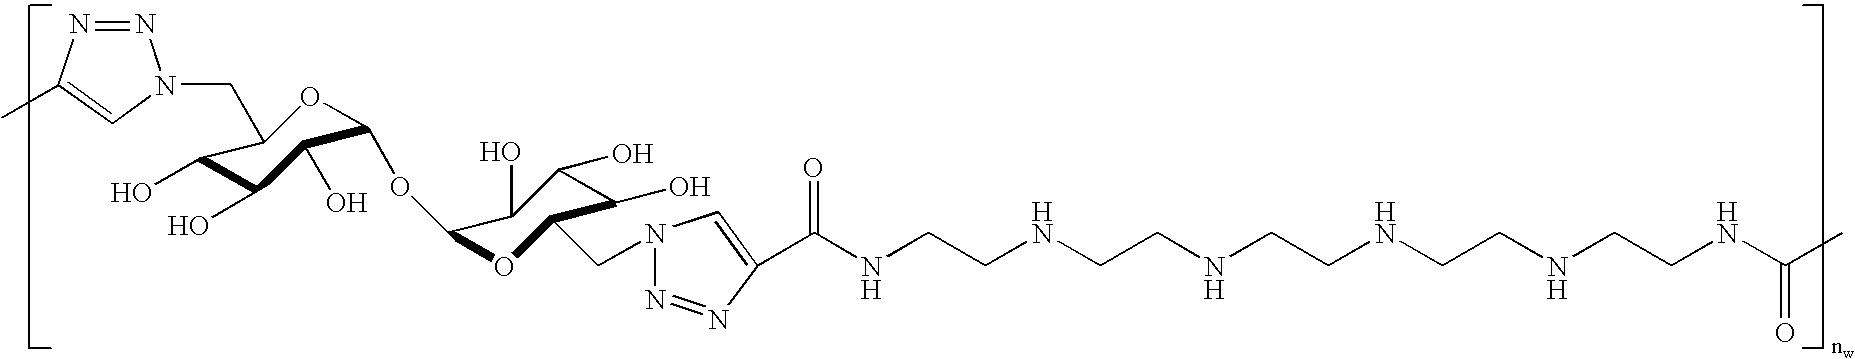 Figure US08501478-20130806-C00016